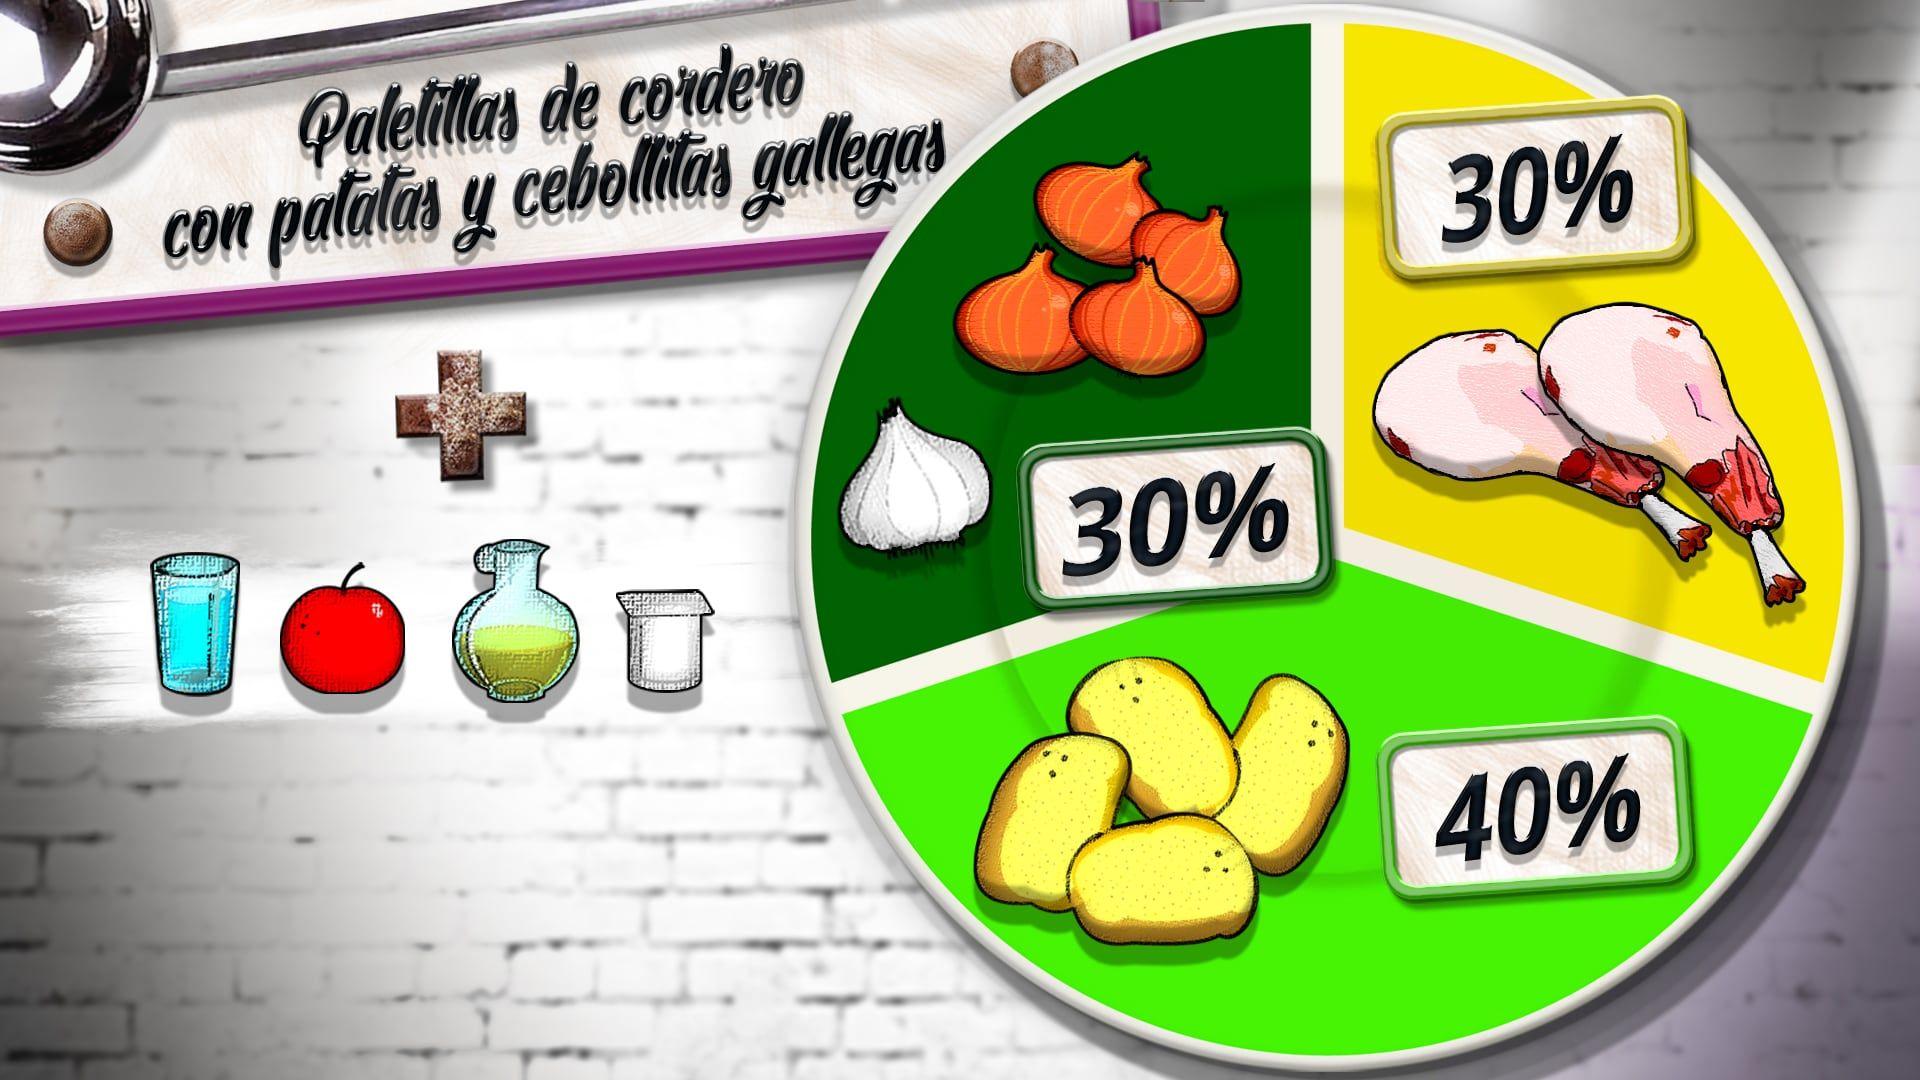 Paletillas de cordero con patatas y cebollitas gallegas